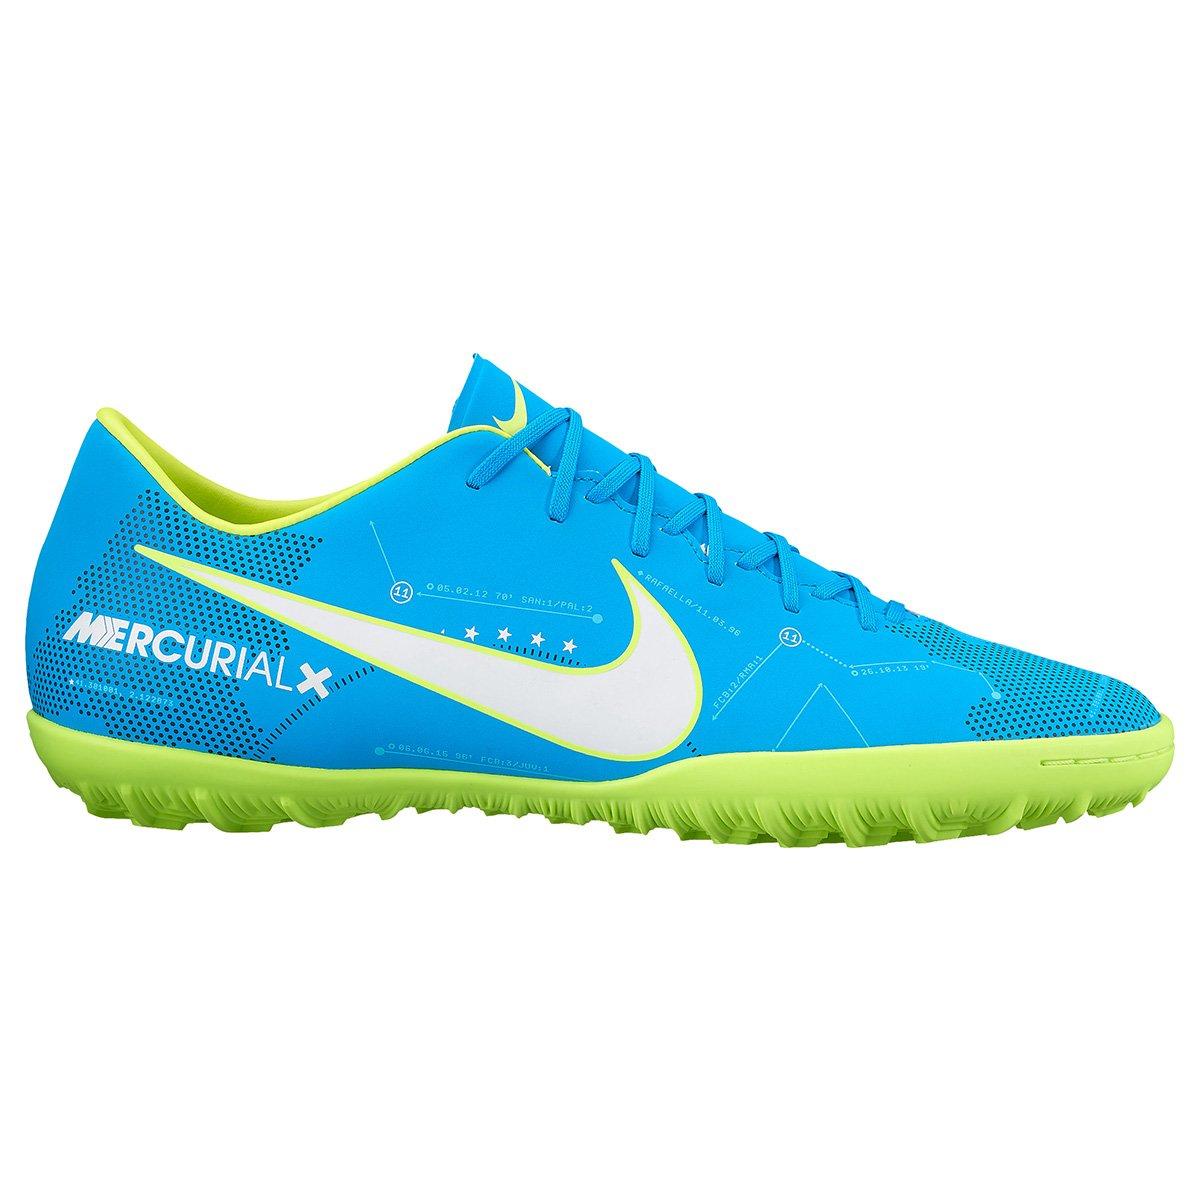 34d4a28b45 Chuteira Society Nike Mercurial Victory 6 Neymar Jr TF - Compre ...